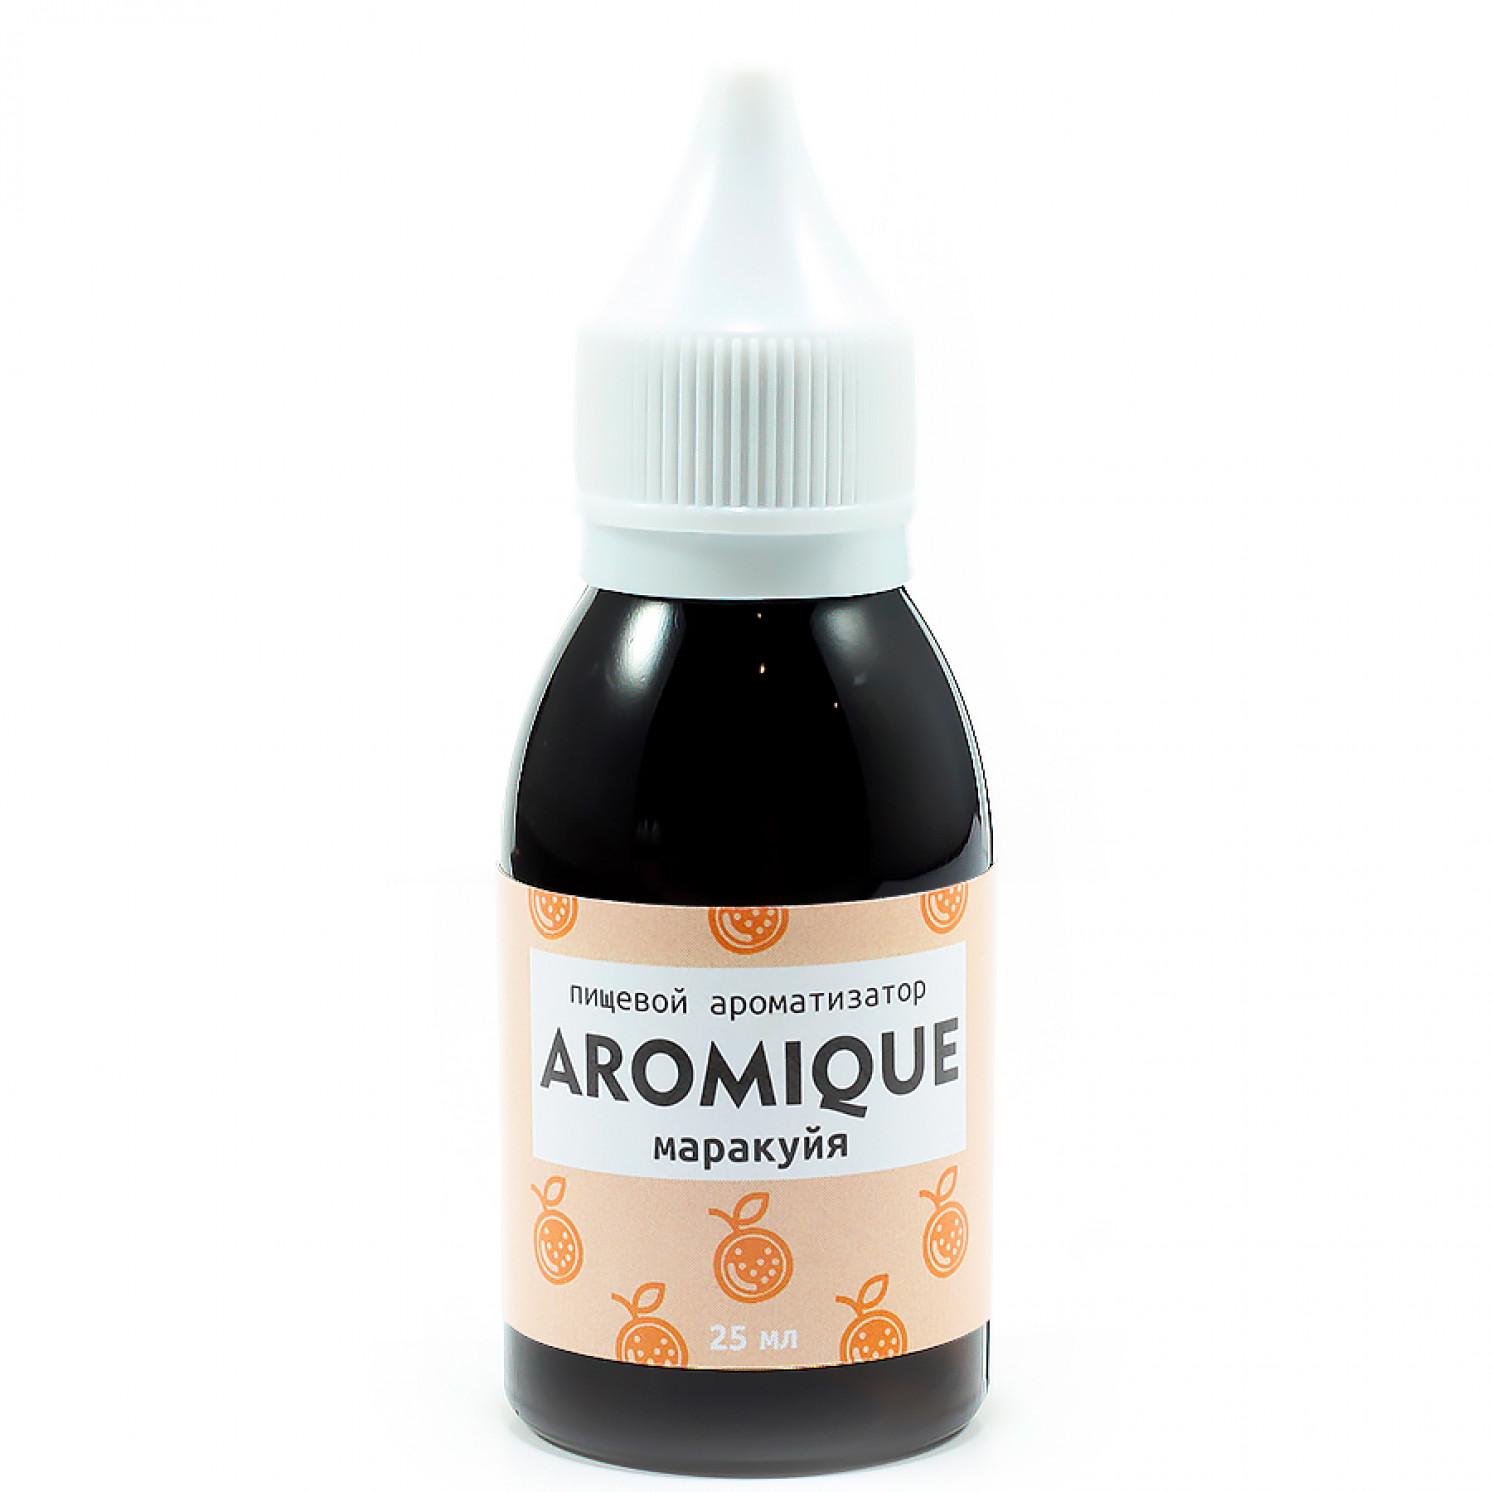 Пищевой ароматизатор Aromique Маракуйя 25 мл